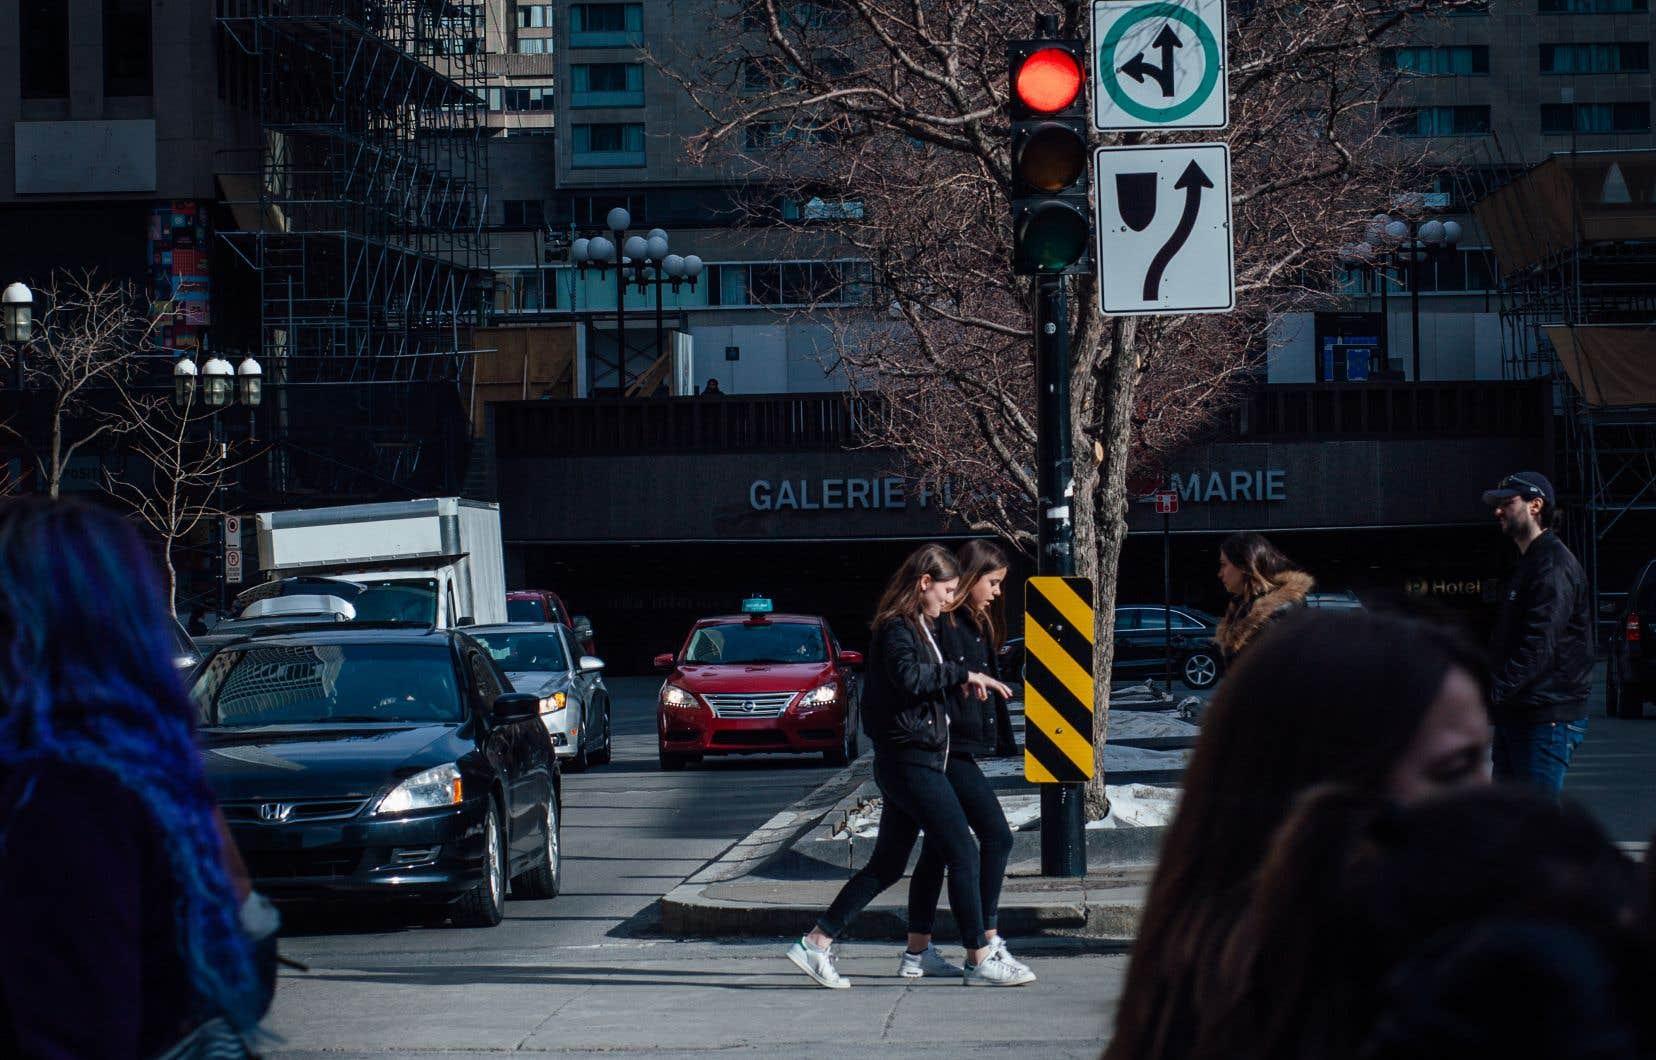 À Montréal, en général, aux intersections comportant des feux de circulation, les piétons traversent en même temps que les voitures.